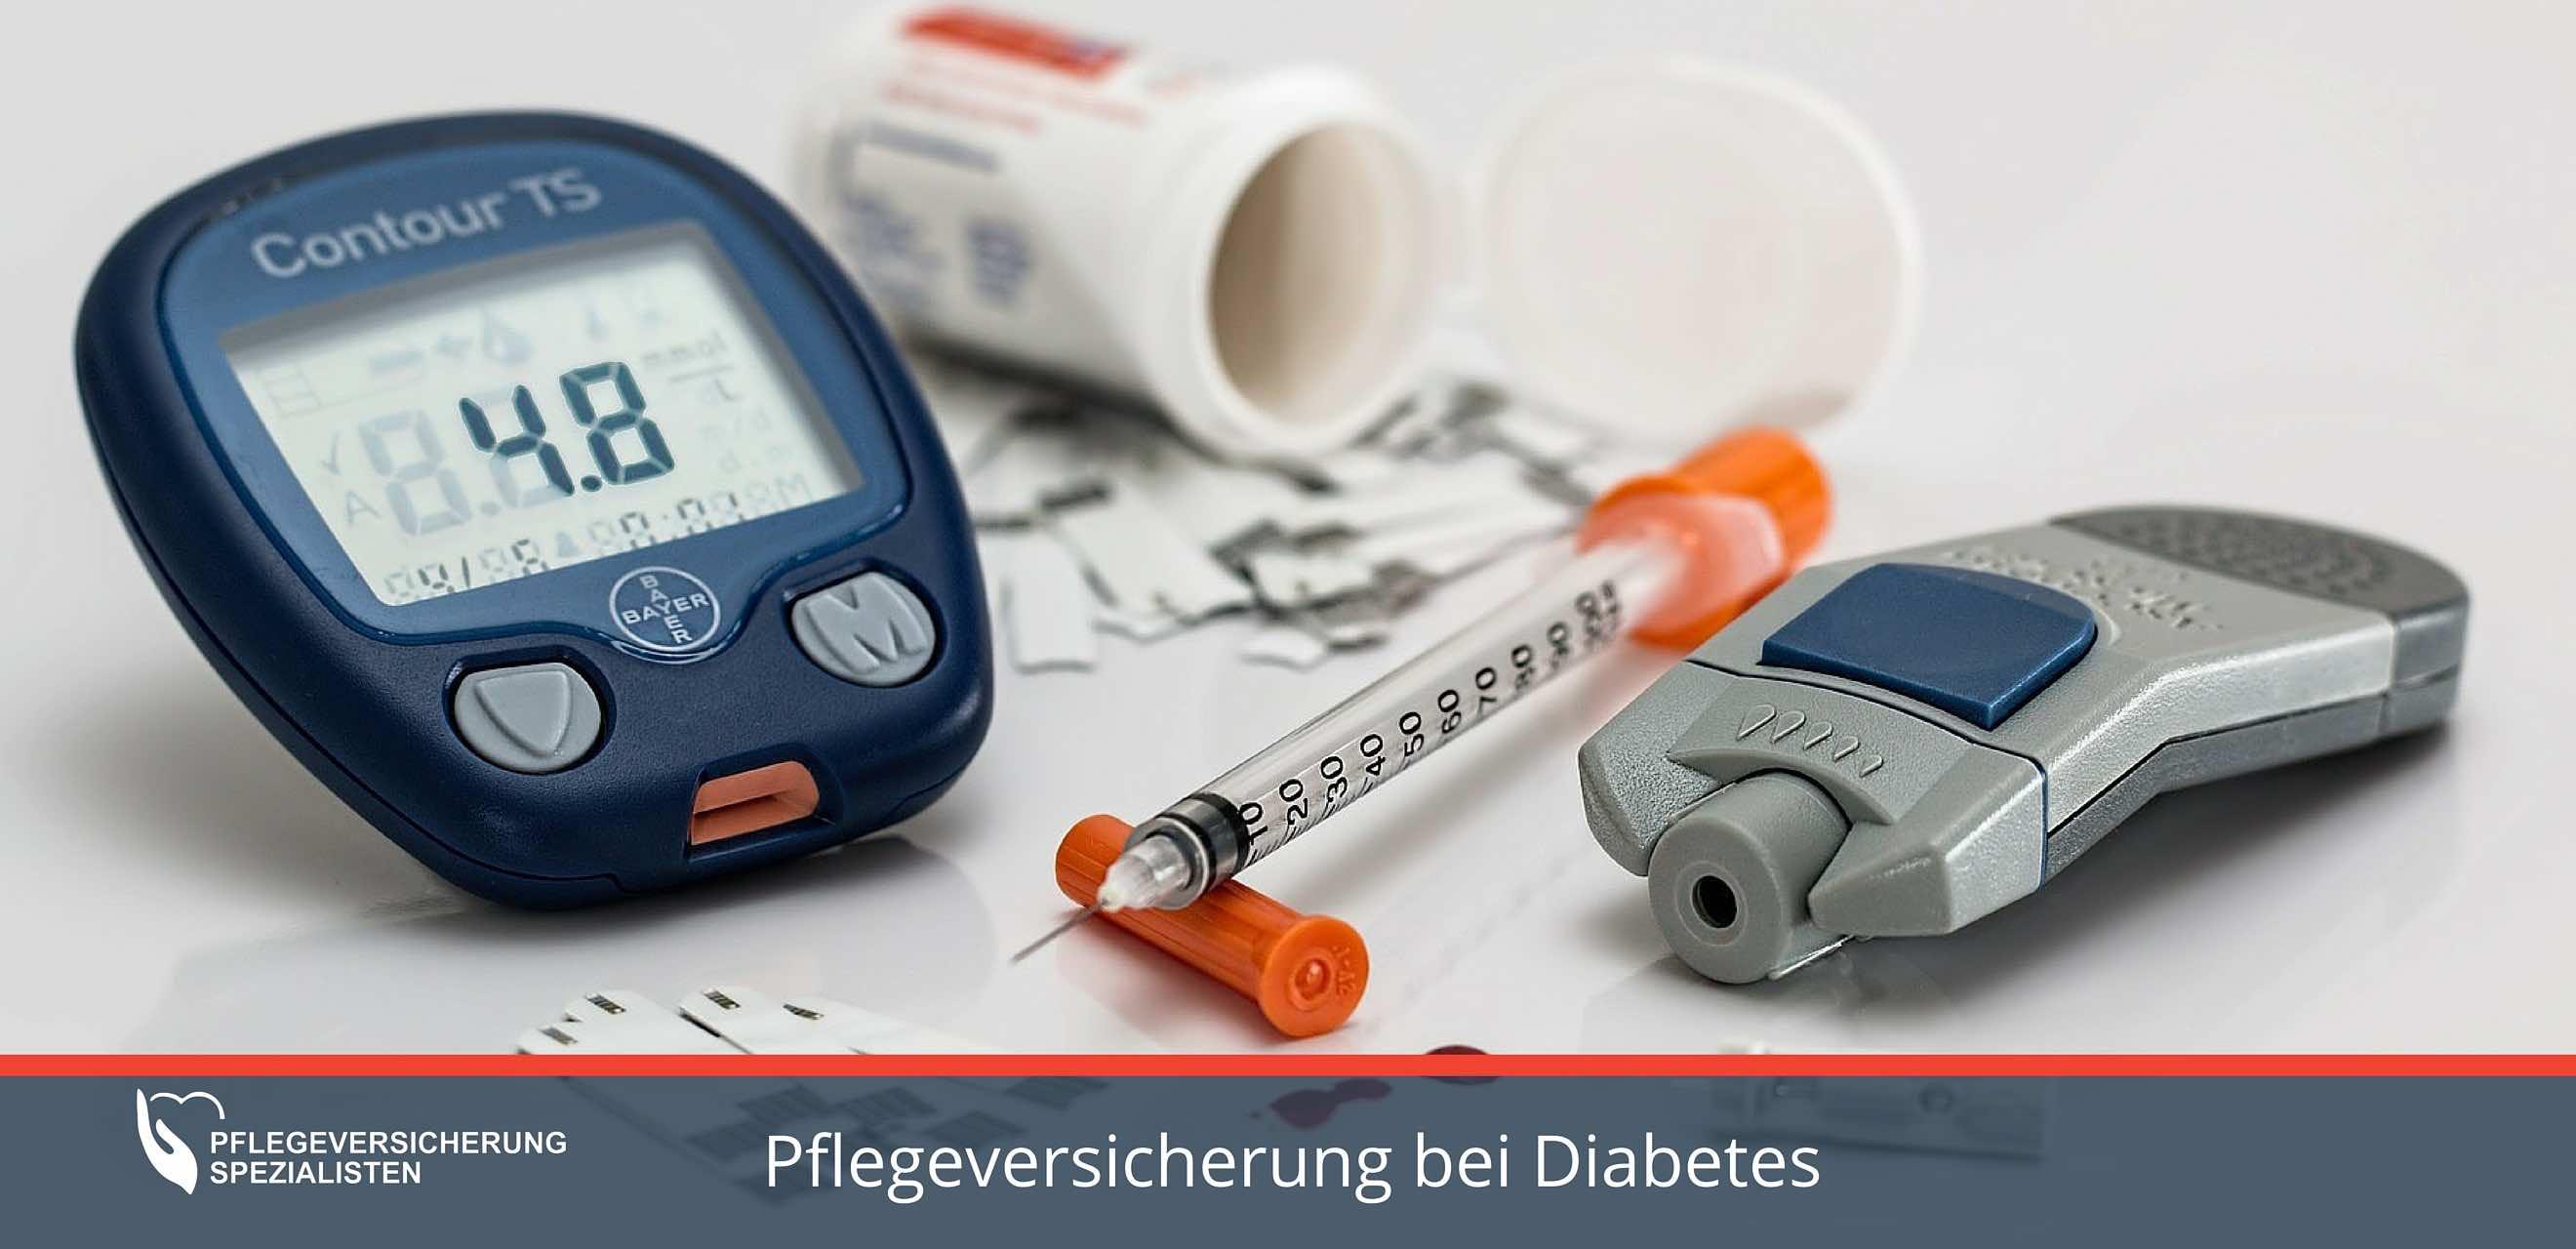 Die Pflegeversicherung Spezialisten informieren über Tips und Tarife bei Diabetes Mellitus